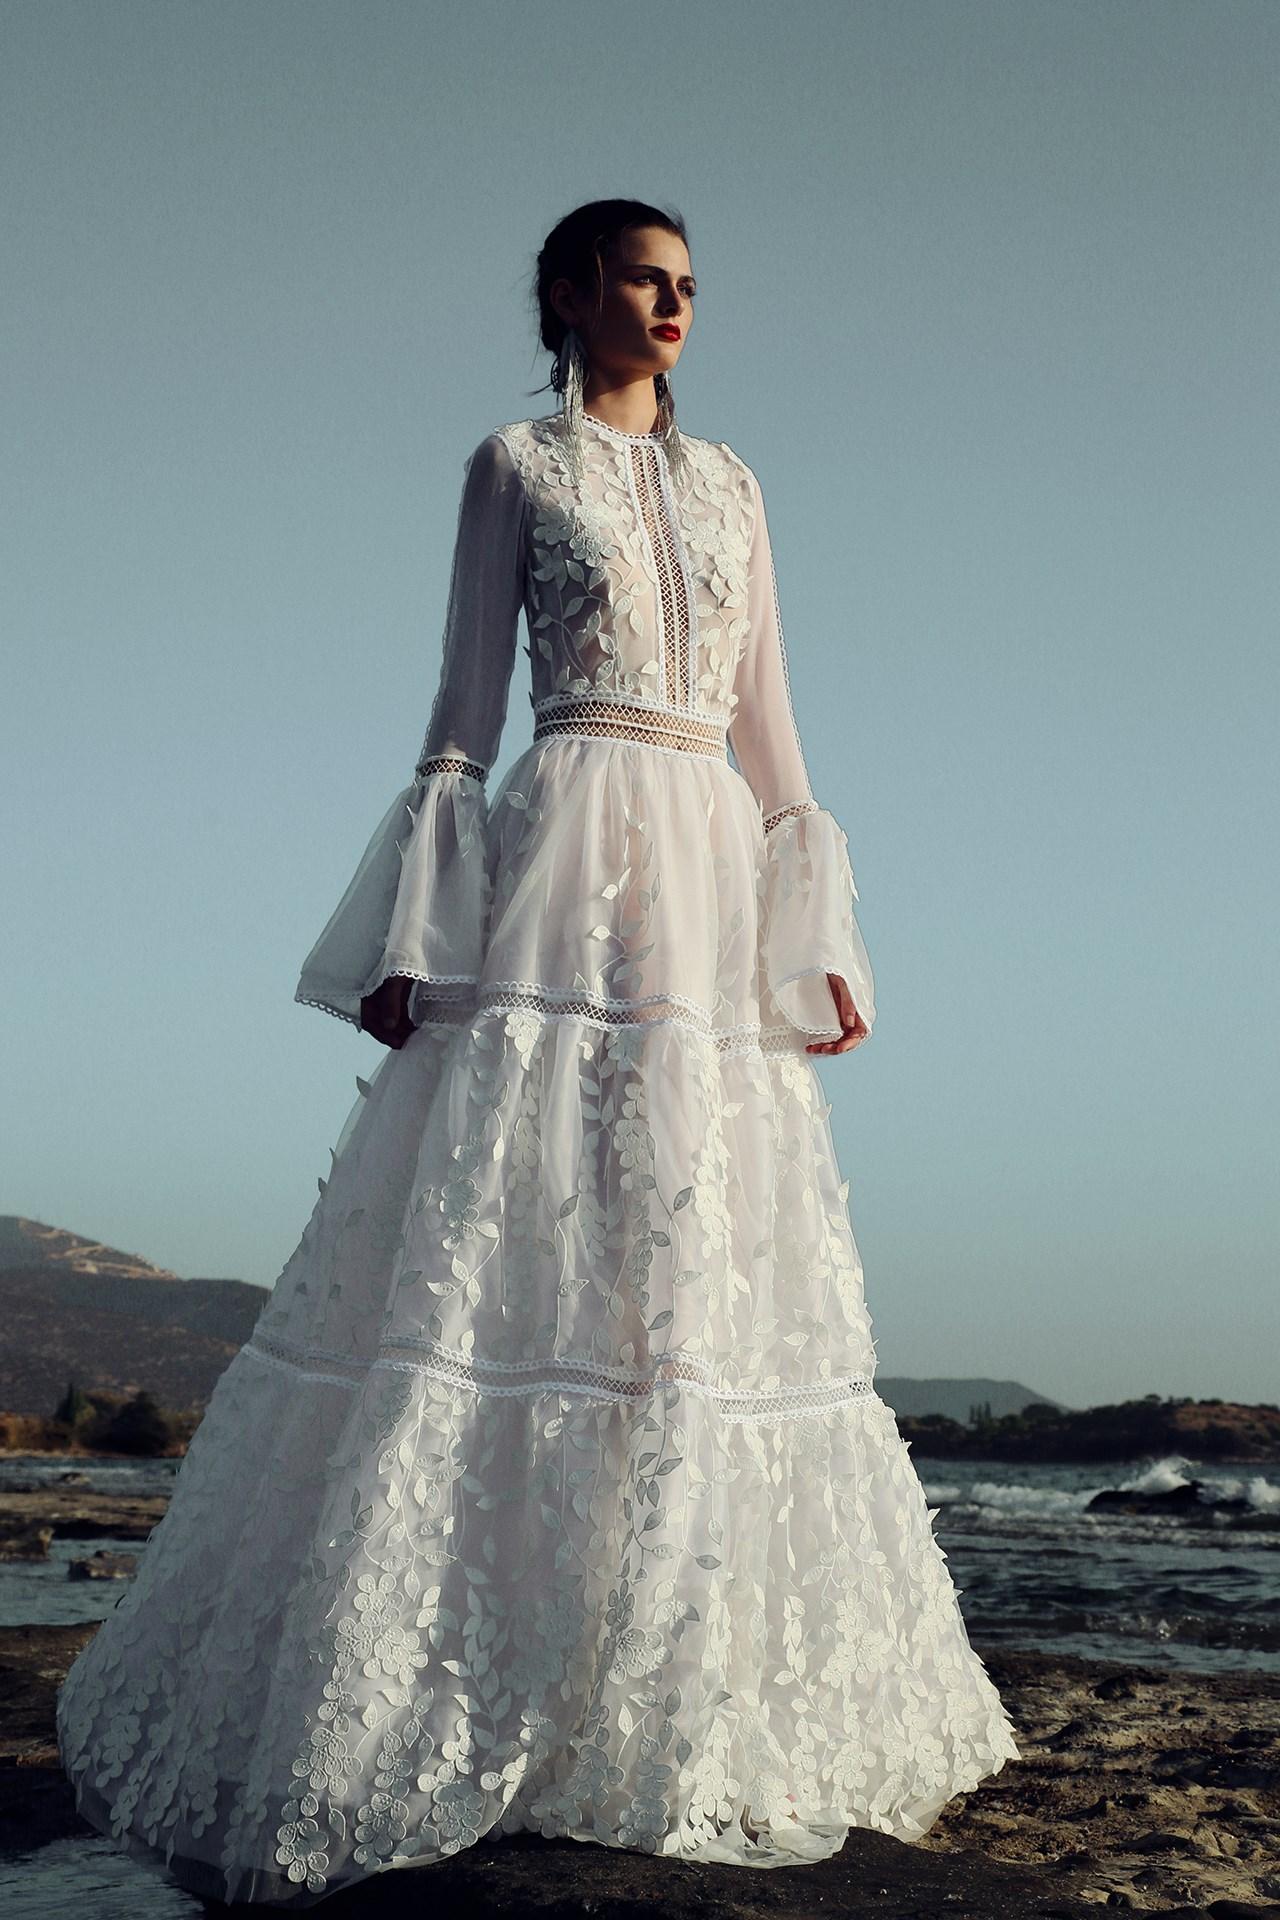 winter wedding dresses for 2017 (bridesmagazine.co.uk) zdujyma